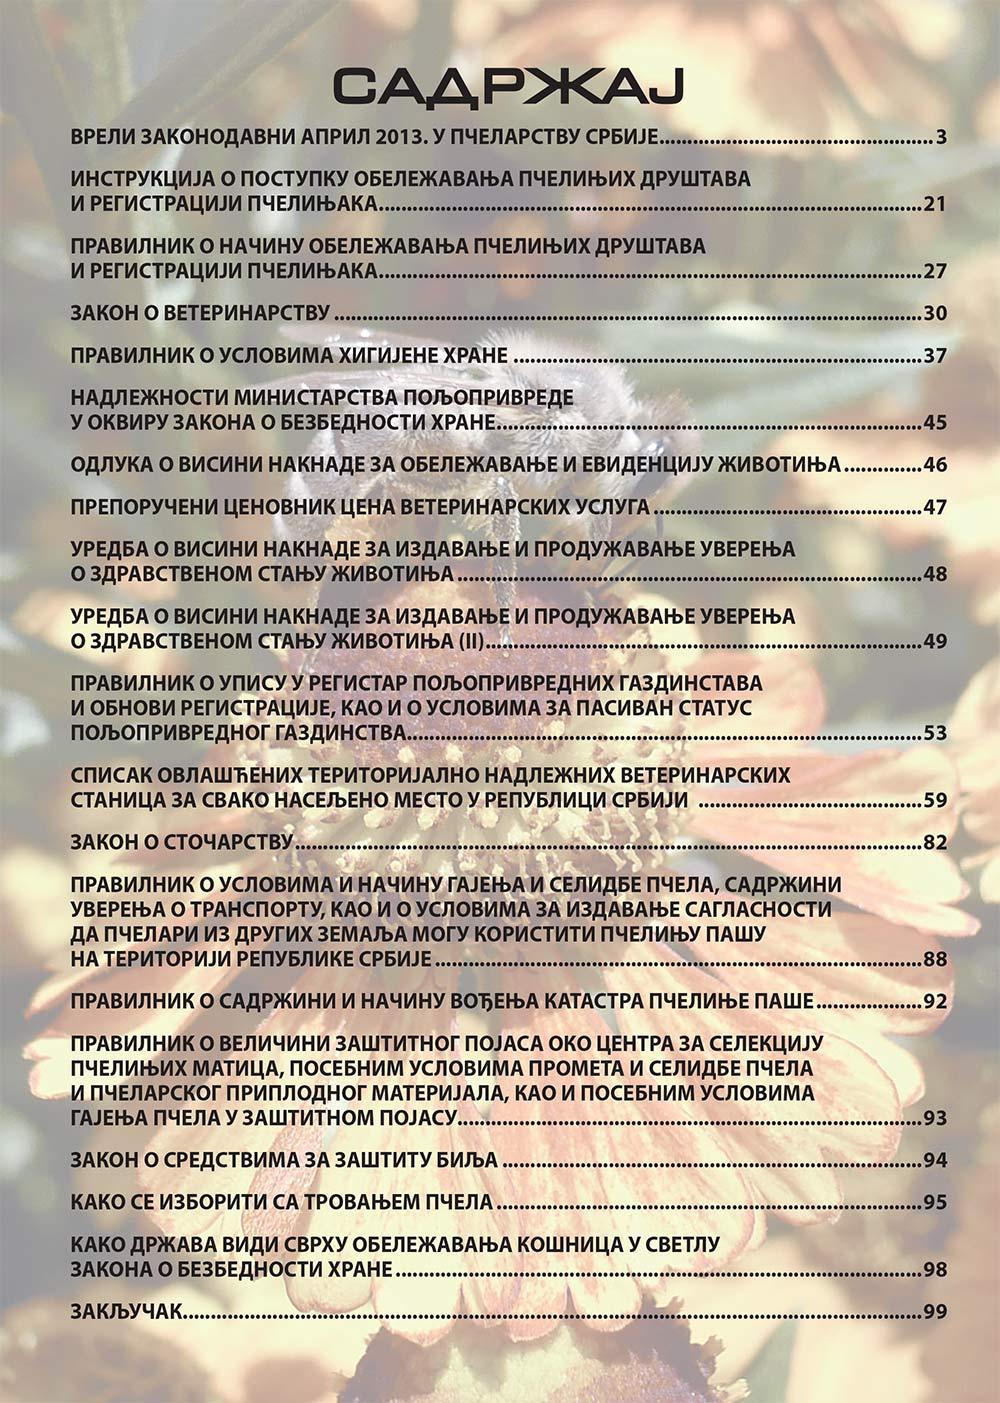 Sadrzaj-PROPISI-U-PCELARSTVU